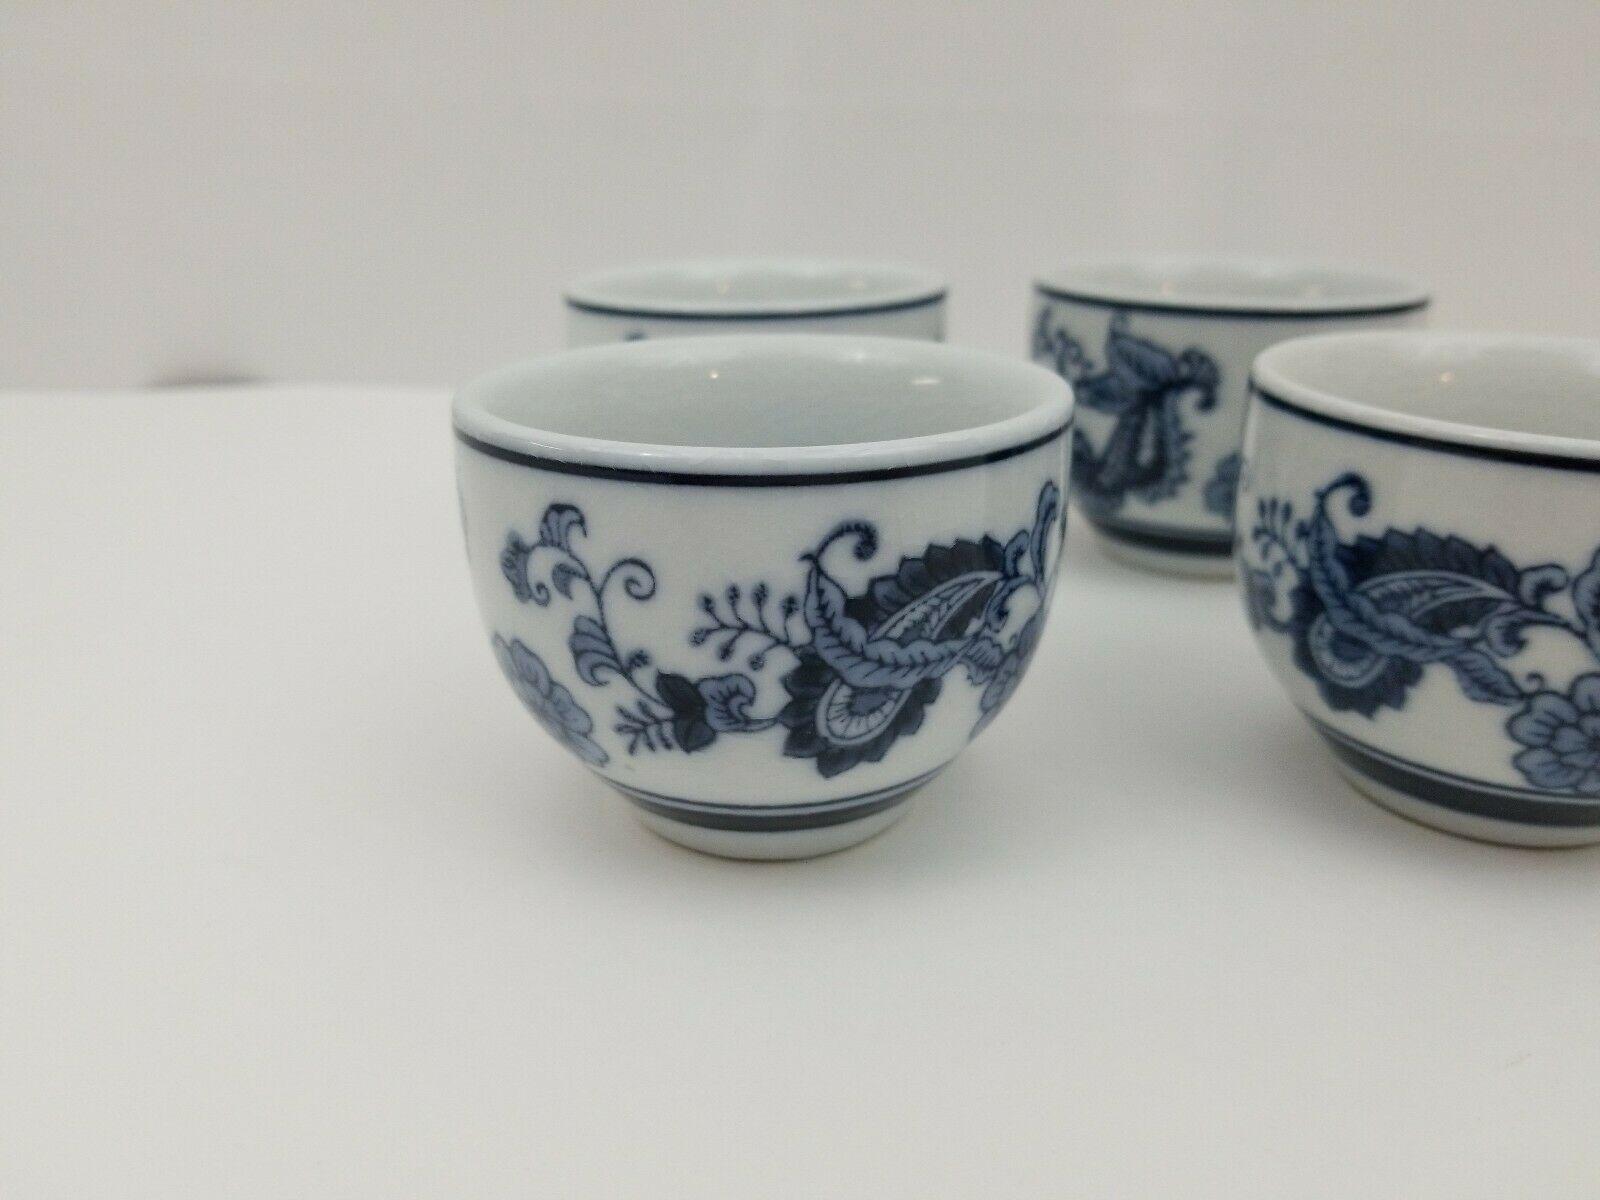 Pier 1 Imports Porcelain Tea Cups Sake Set of 4 White Blue Floral Dish Safe image 4